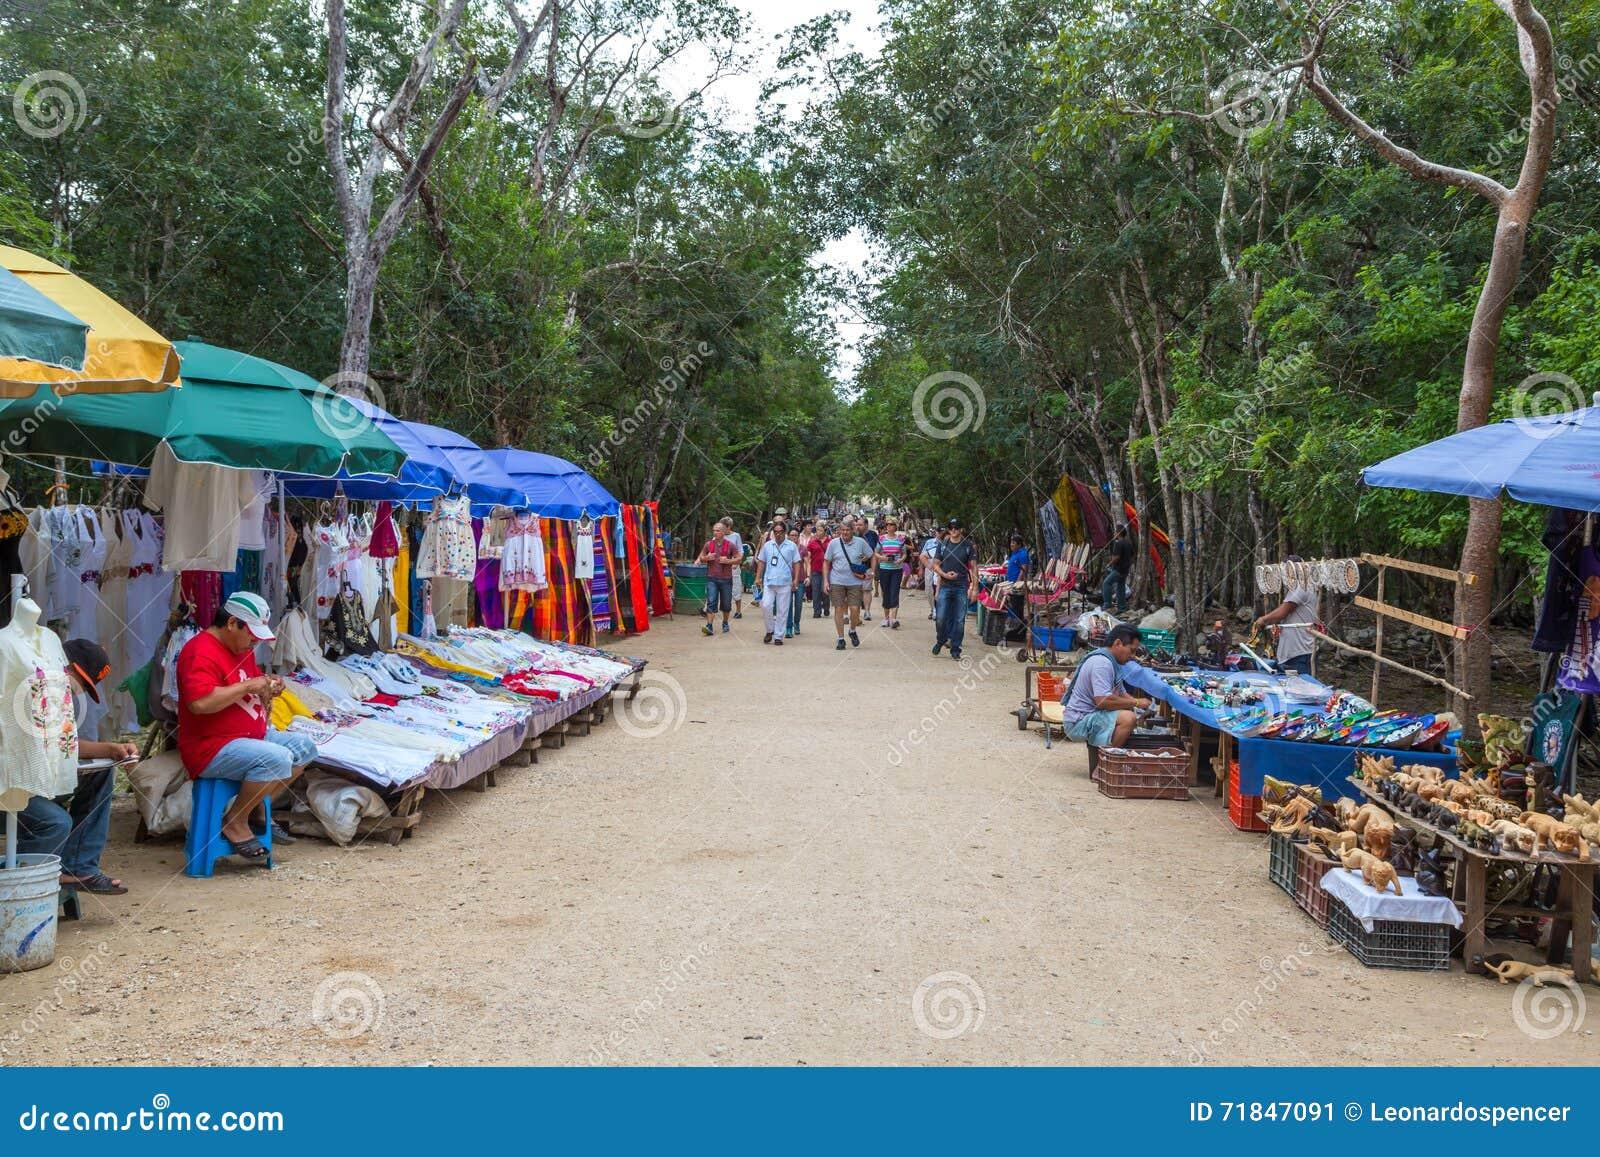 Les boutiques informelles locales à l intérieur de l héritage de Chichen Itza situent tout près Cancun au Mexique